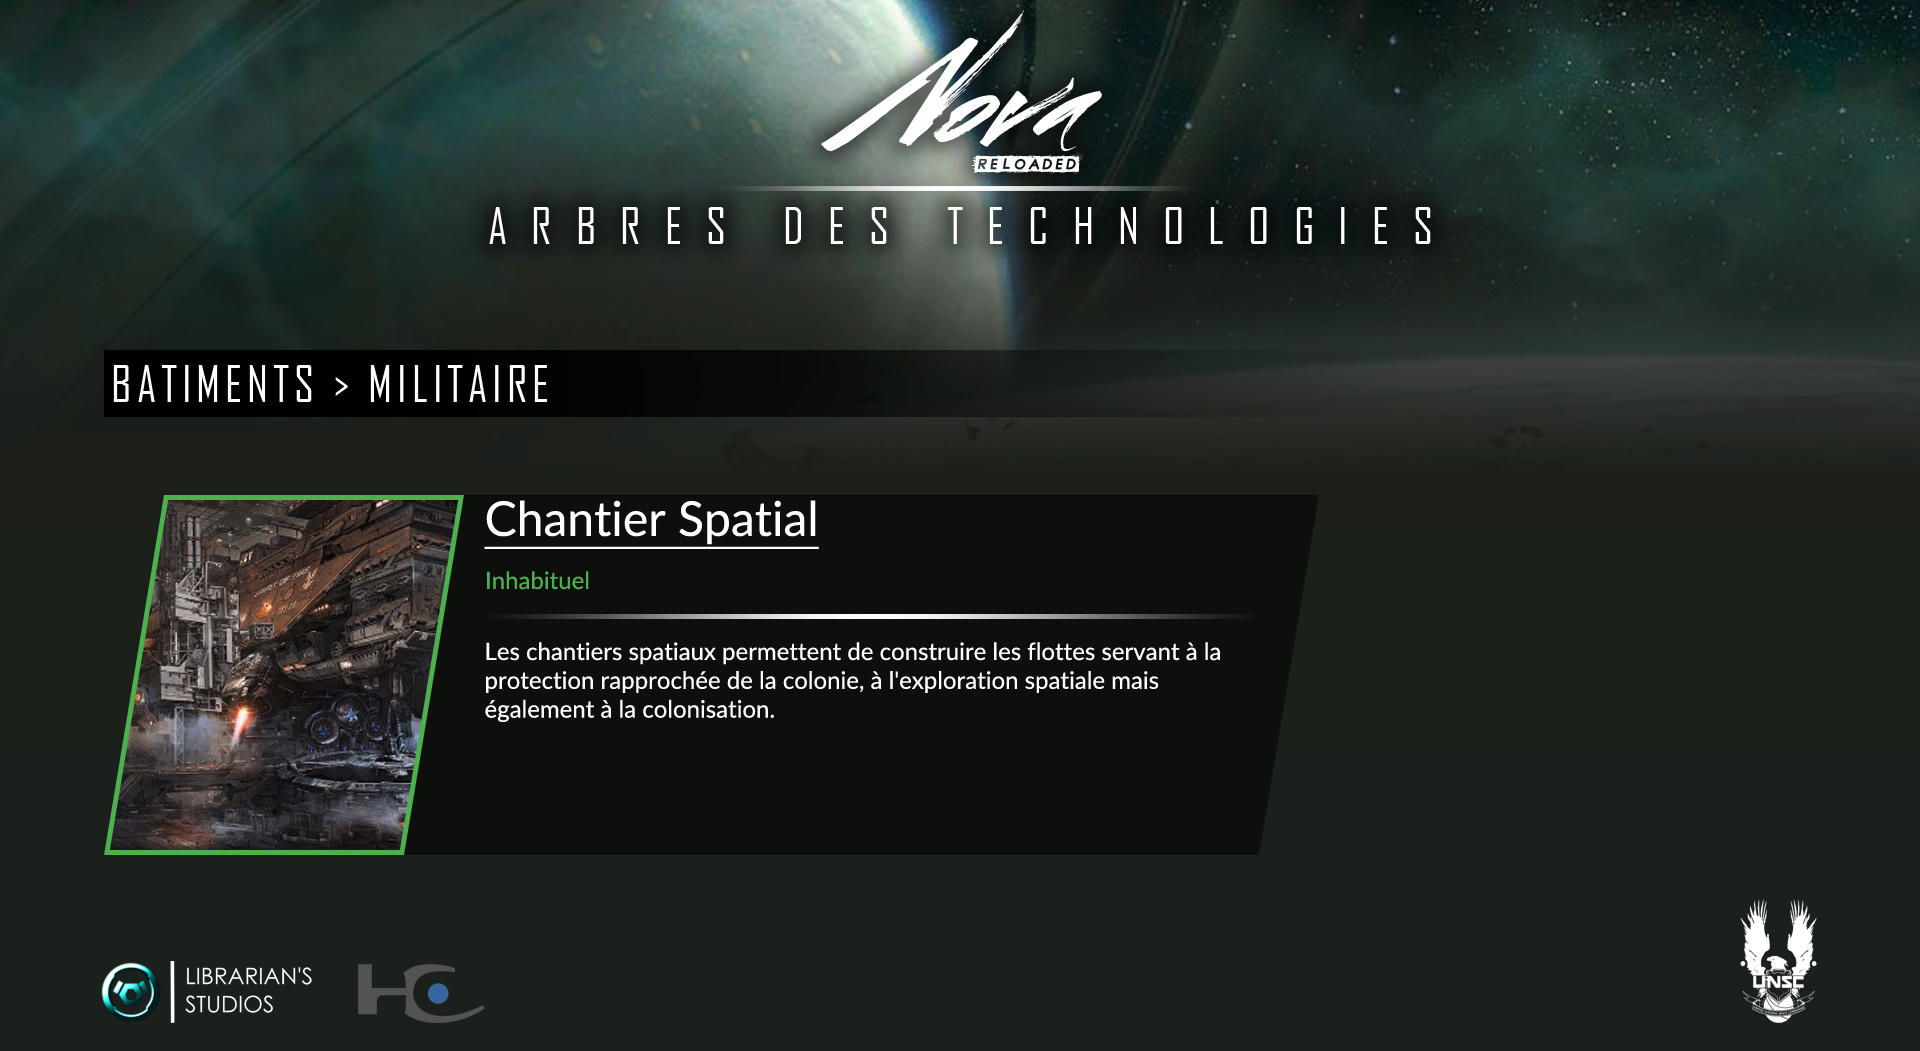 Space Territory #4.1 : Arbre Technologique CSNU : Bâtiments Milita10